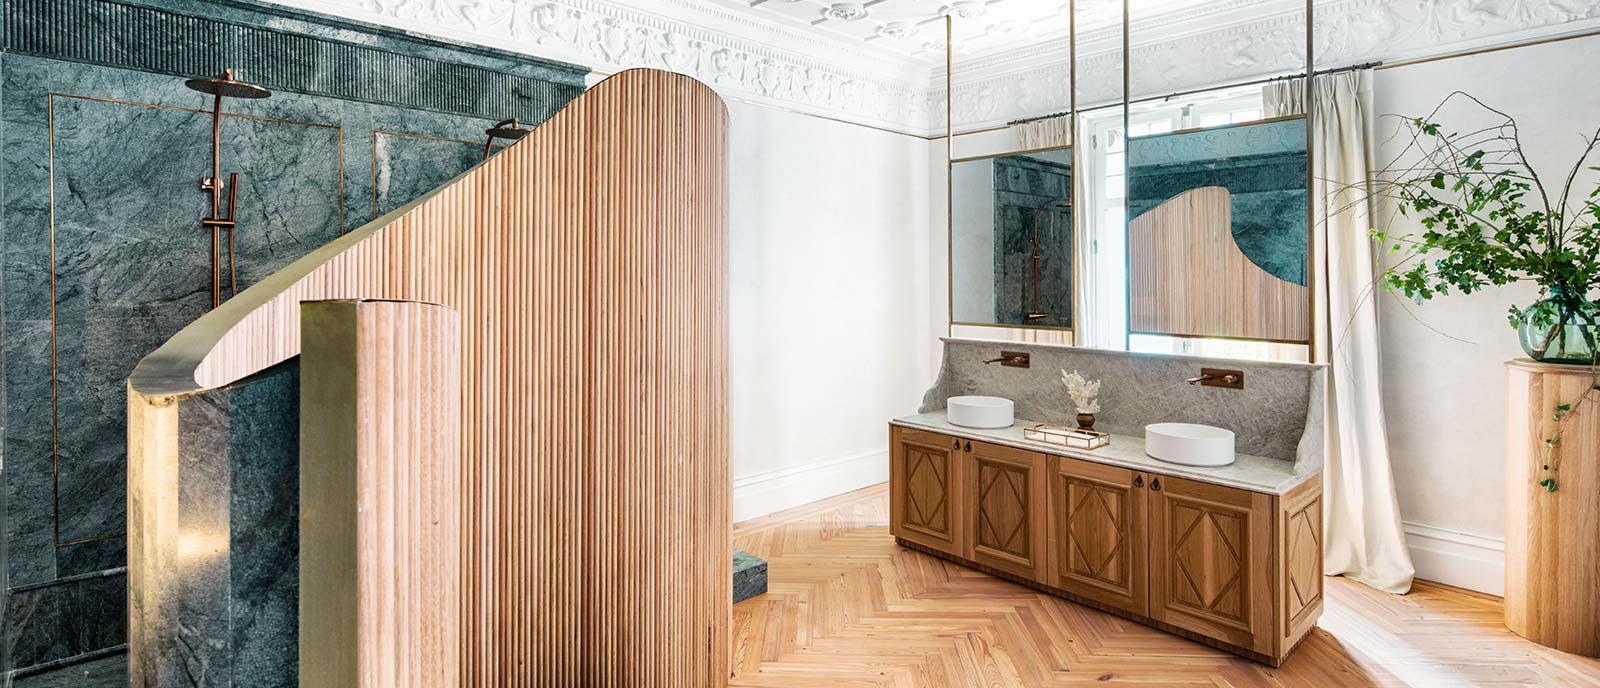 Casa Decor 2021: Un evento lujuoso con proyectos perfectos